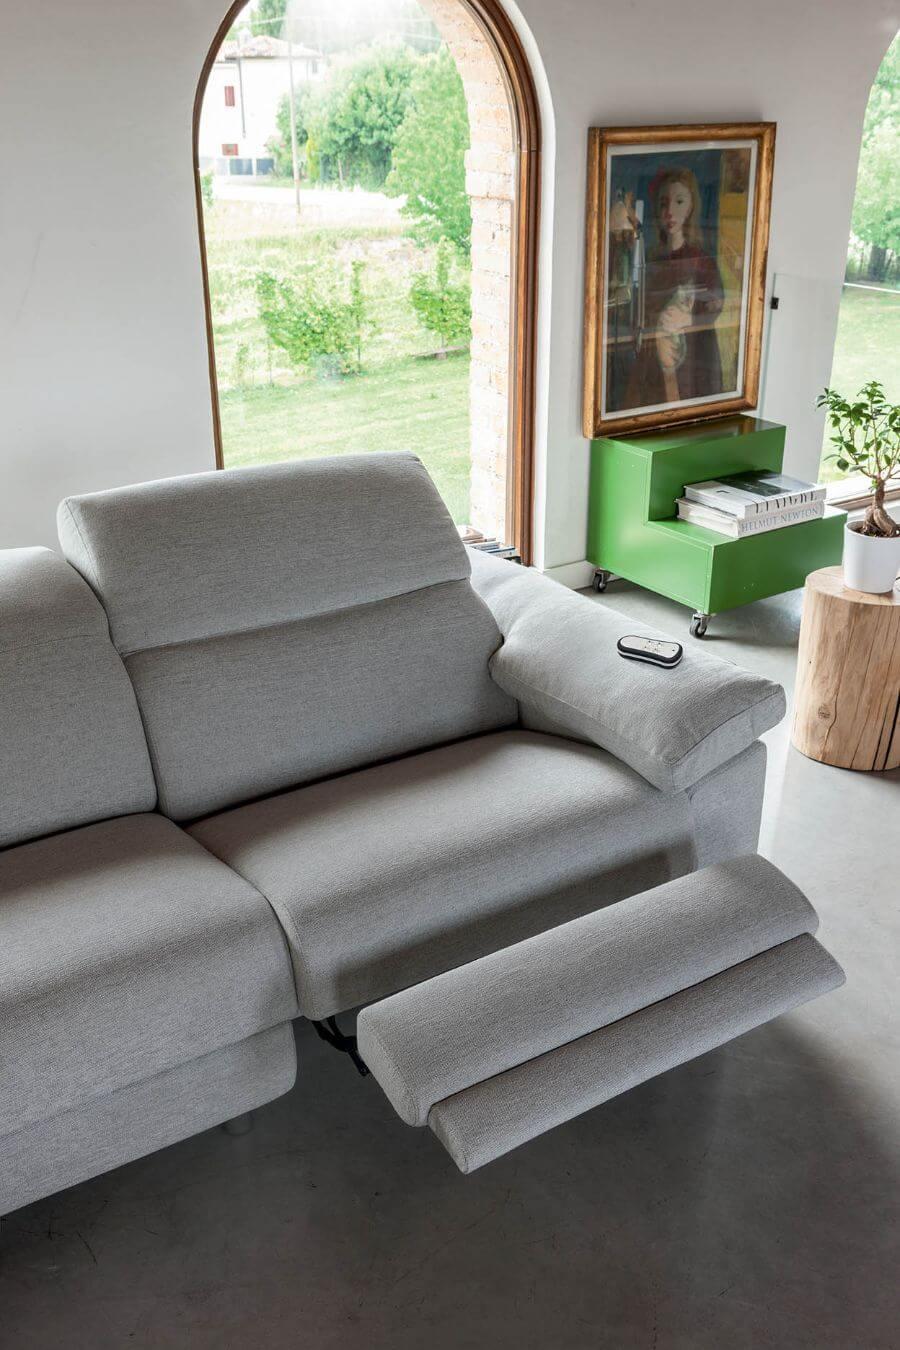 divani-relax-collezione-rialto-il-mobile (3)